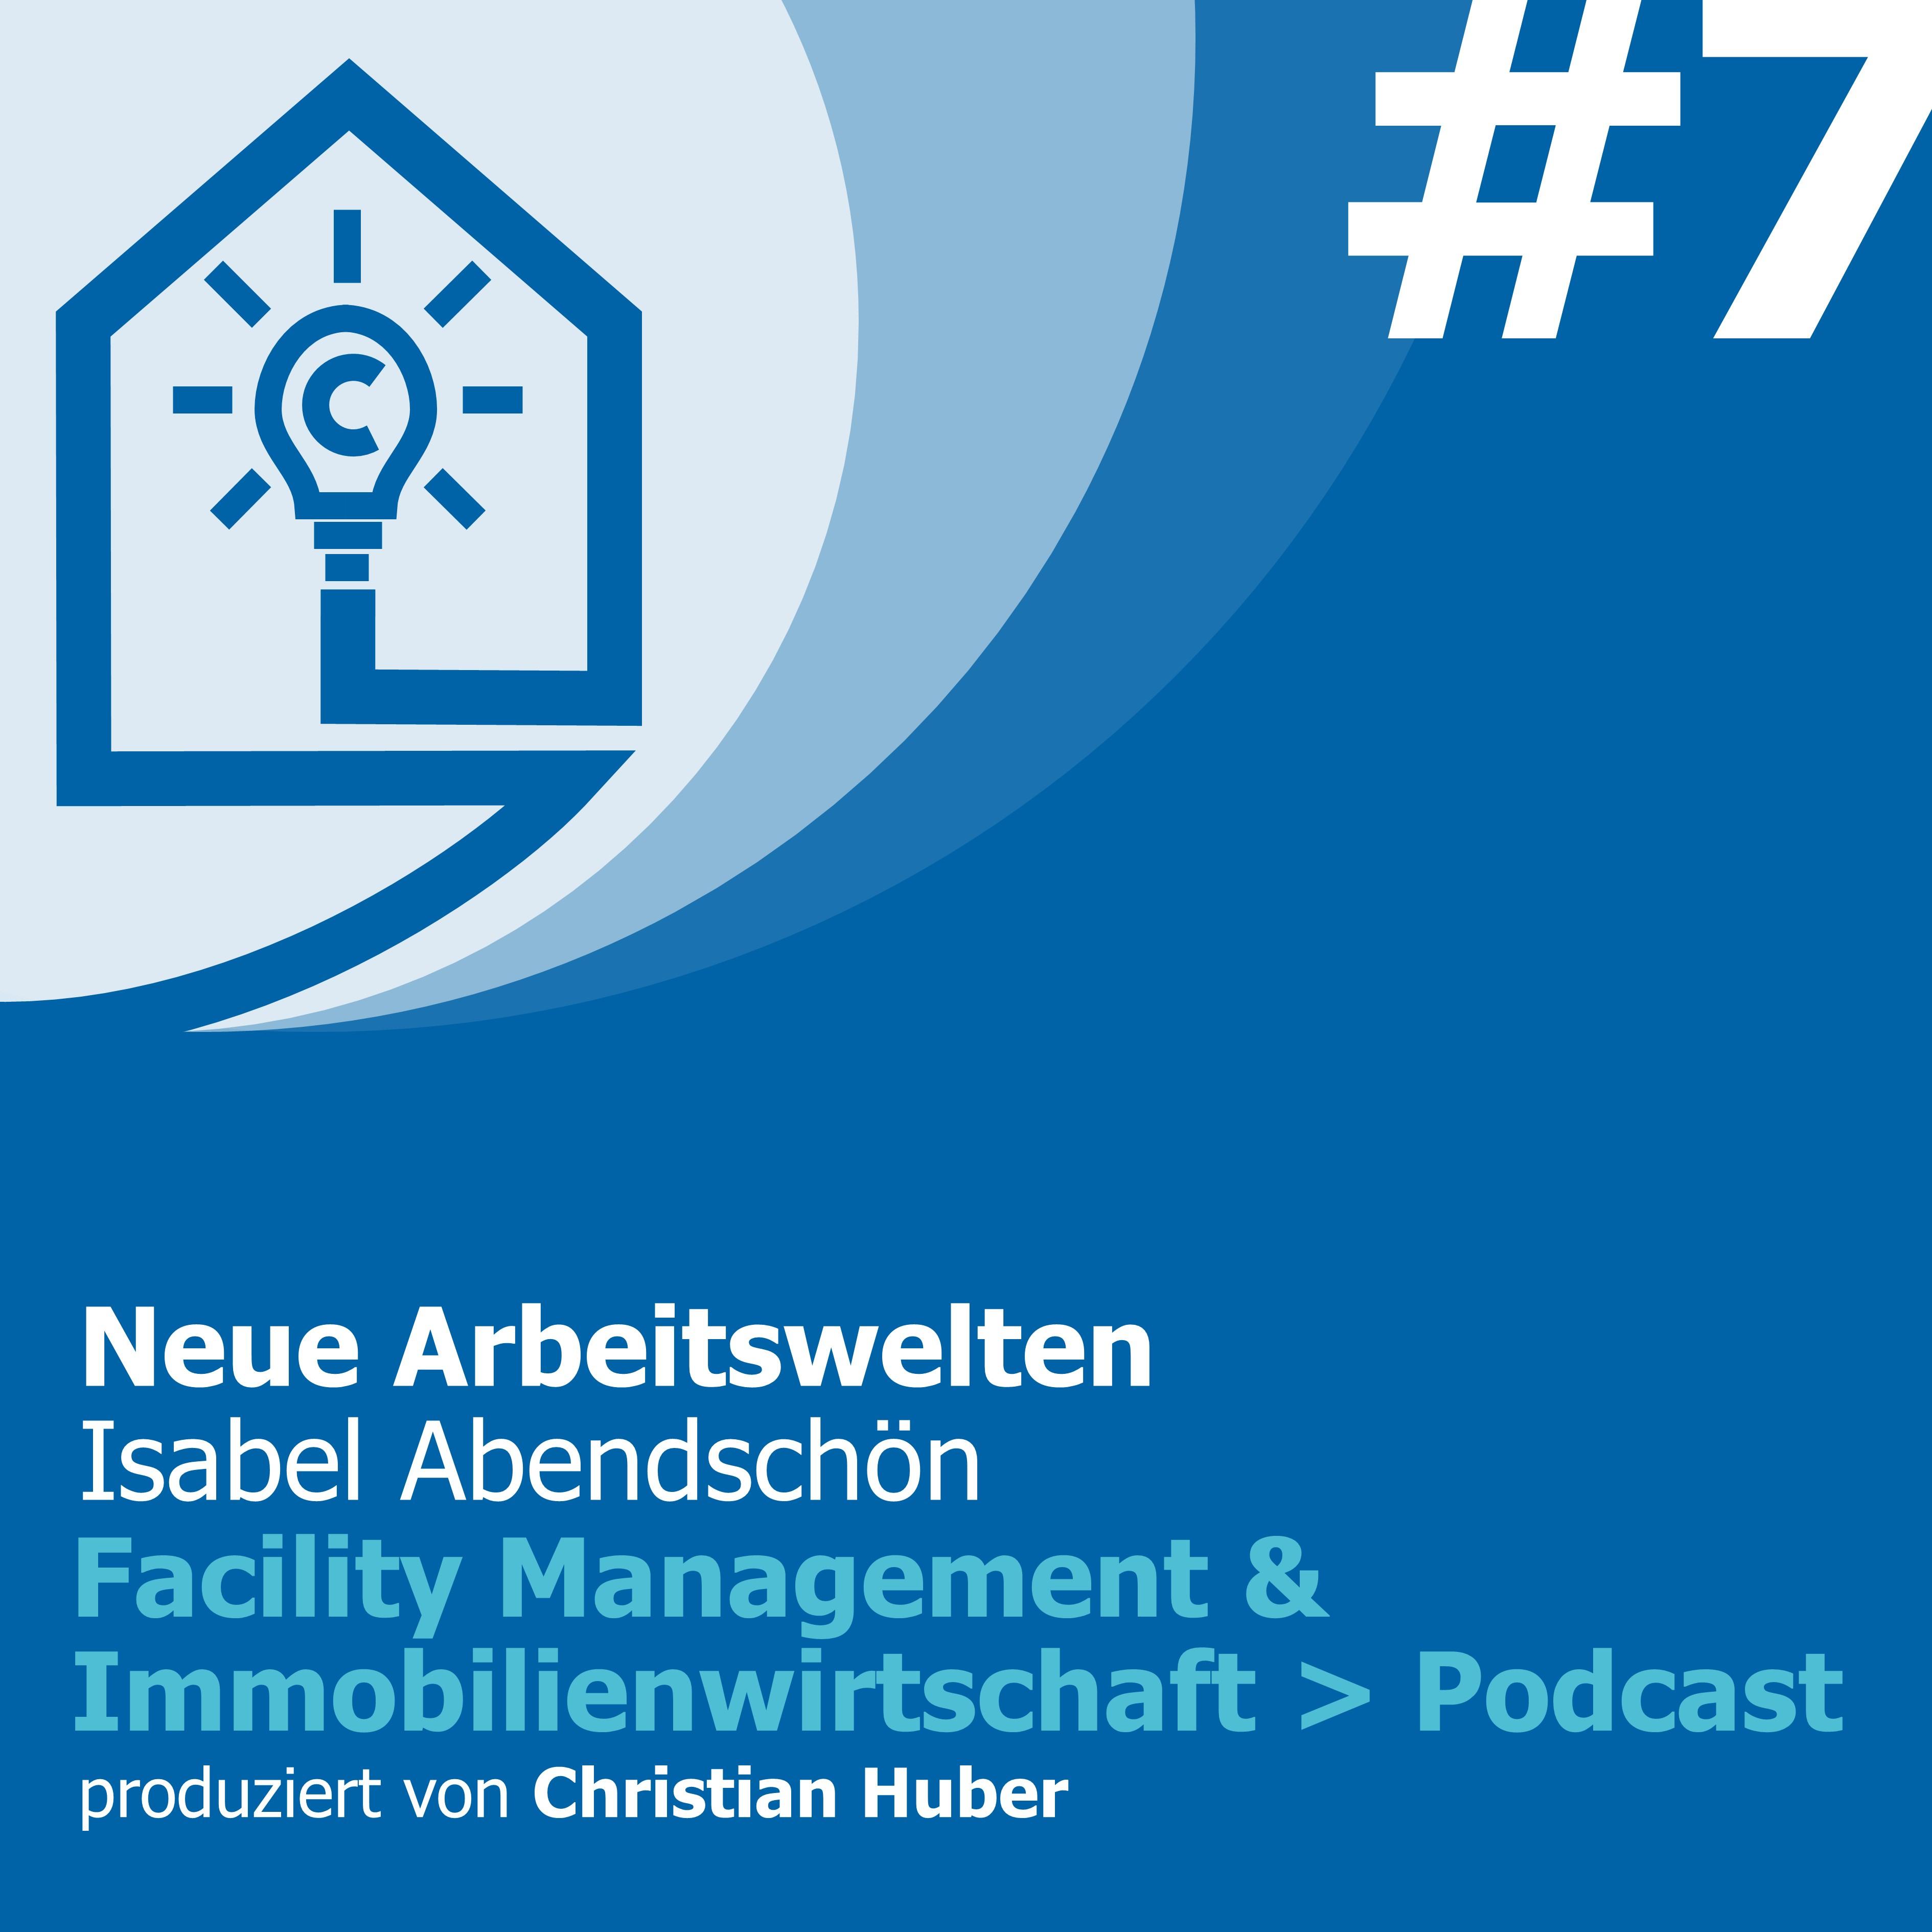 Episode 7 - Neue Arbeitswelten. Christian Huber im Gespräch mit Isabel Abendschön